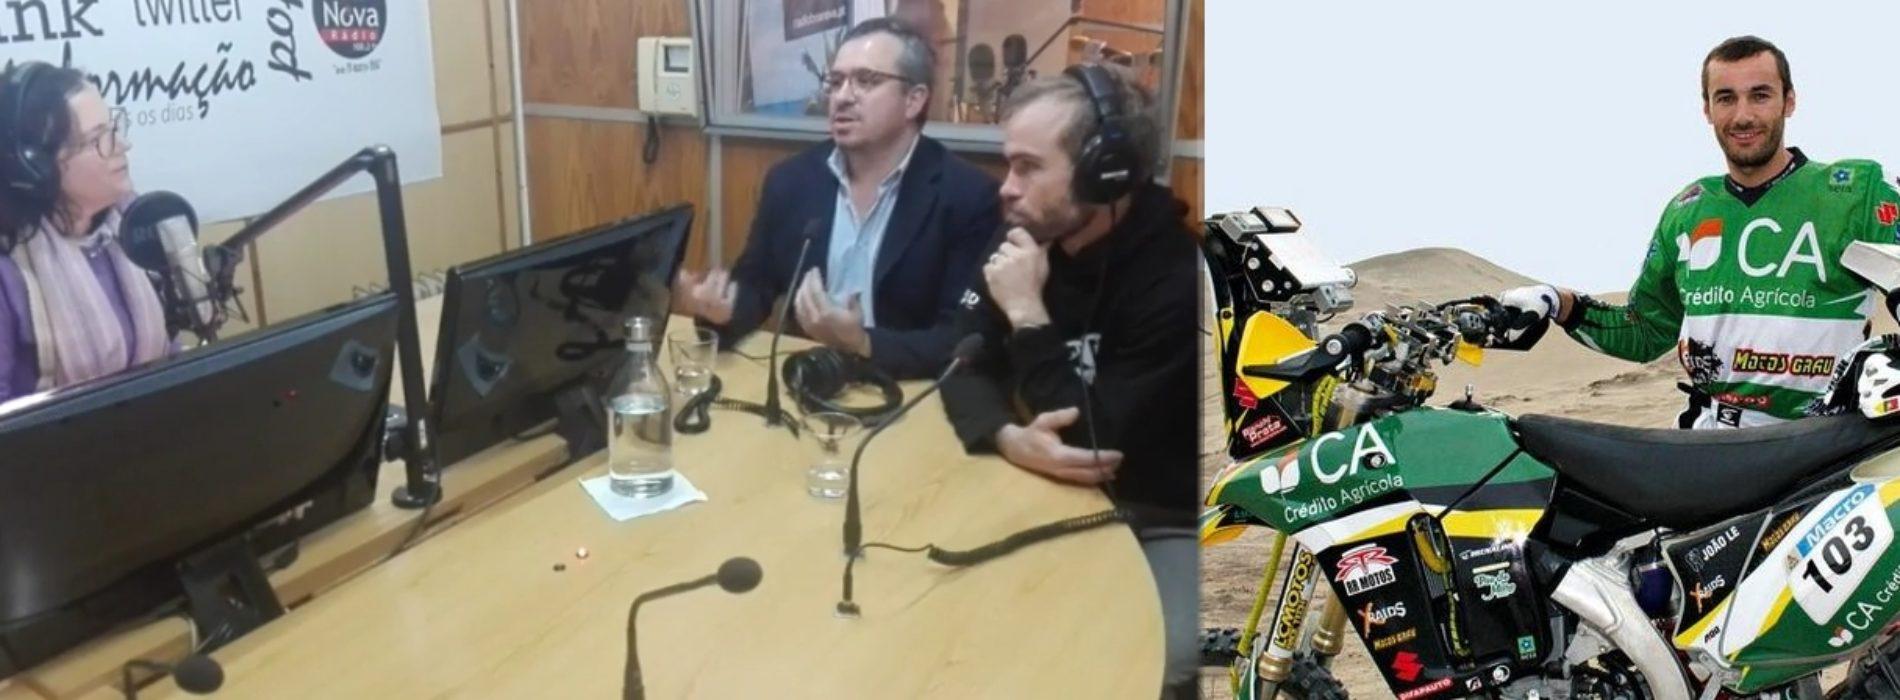 Mário Patrão e Rafael Gomes partilharam benefícios da Acupuntura no arranque da 2ª temporada do programa com o especialista Pedro Vaz